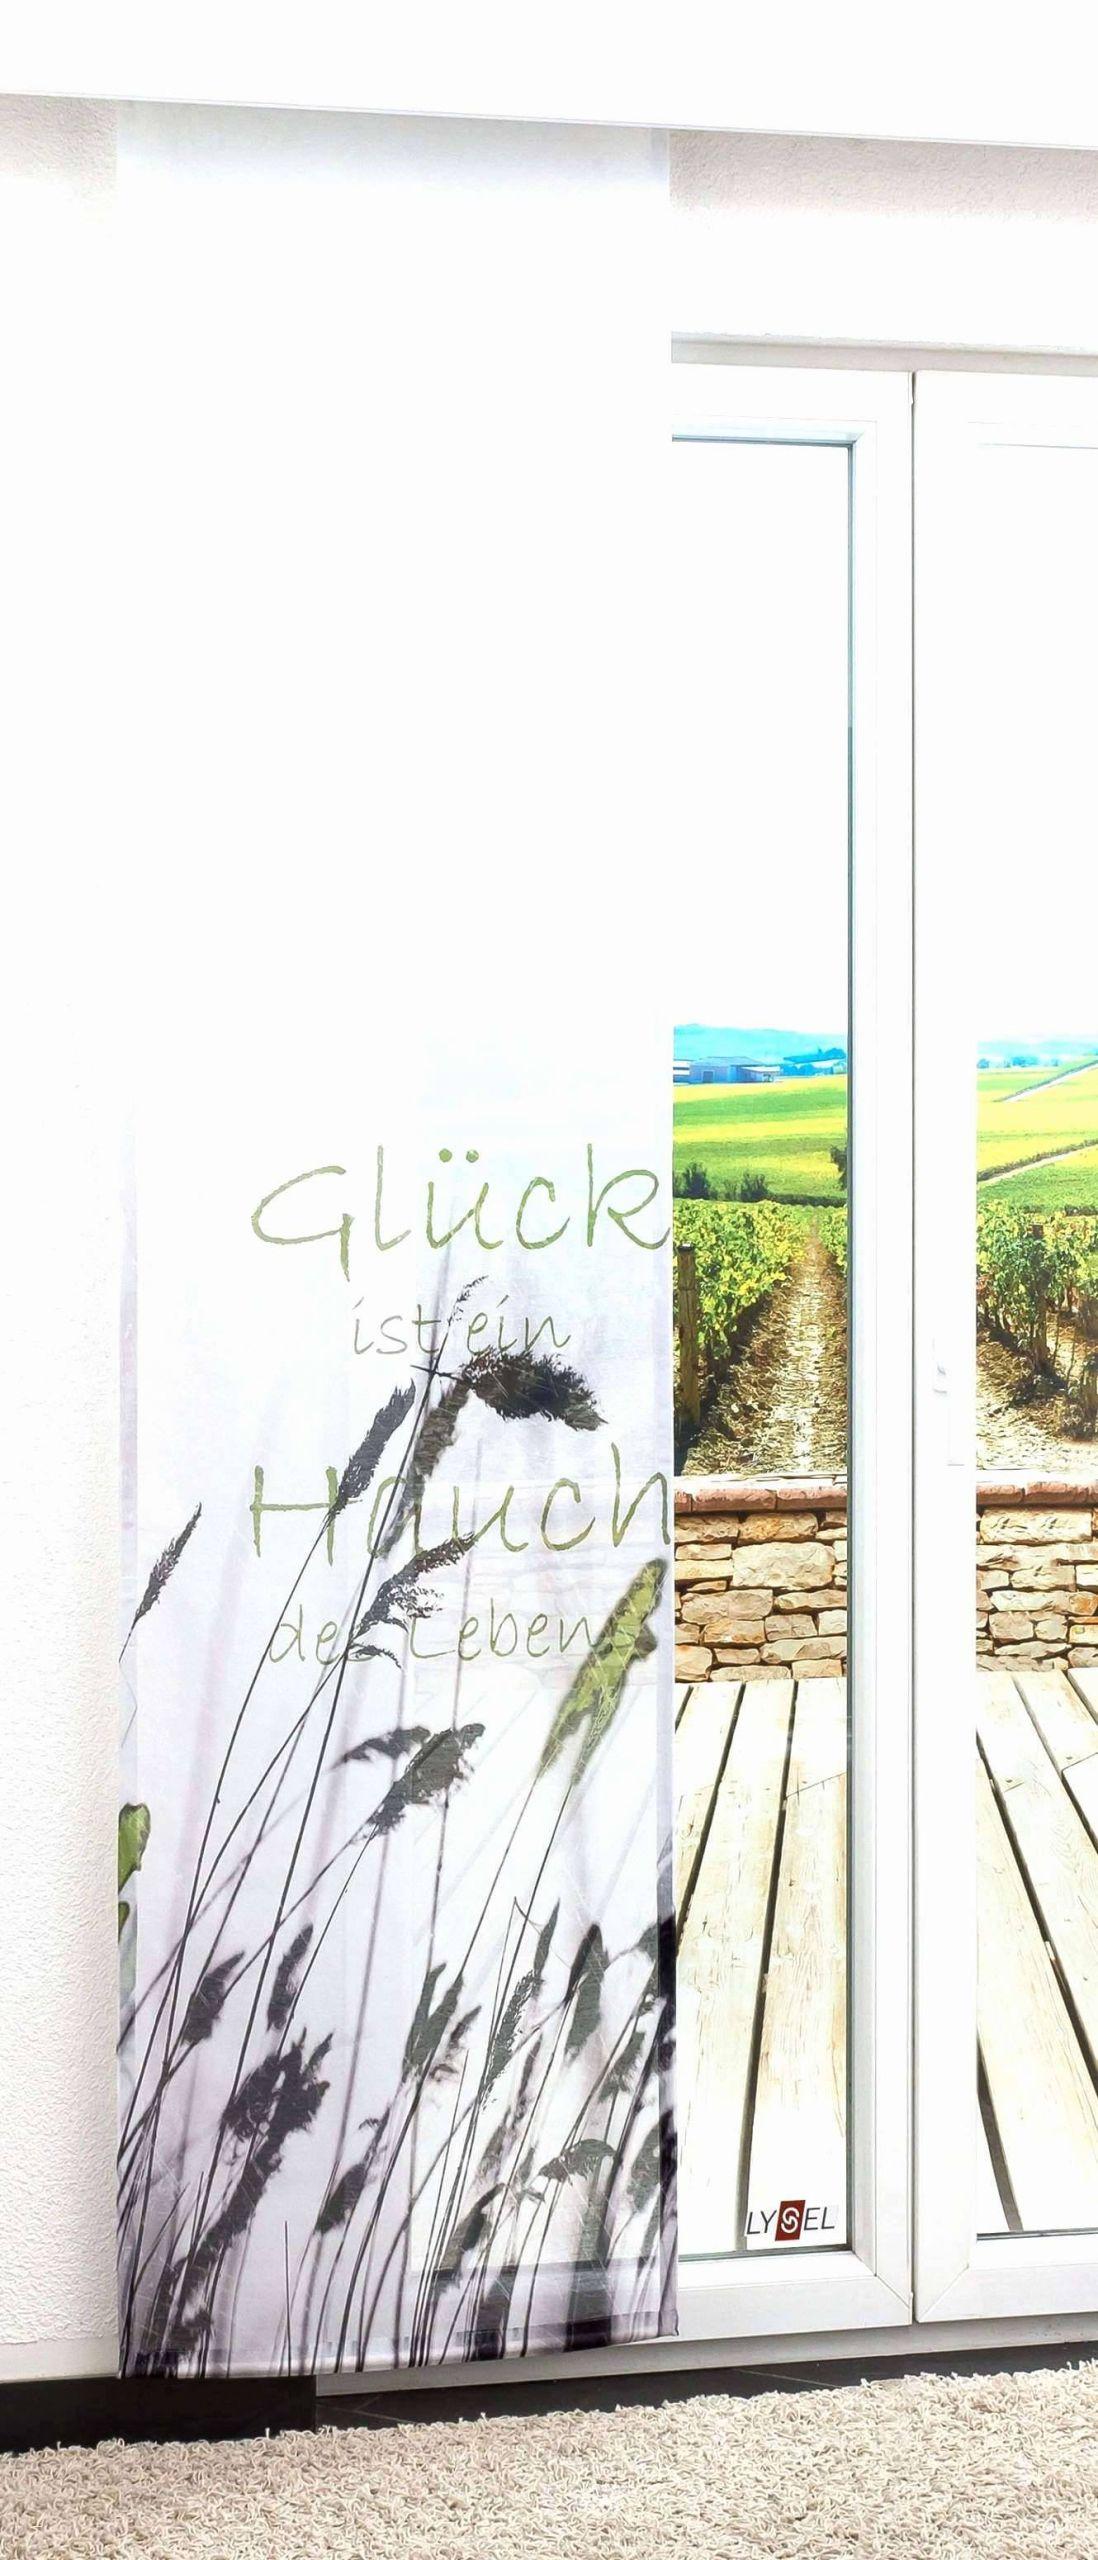 pflanzen wohnzimmer modern inspirational wasser im garten luxus gartengestaltung hanglage modern neu pflanzen of pflanzen wohnzimmer modern